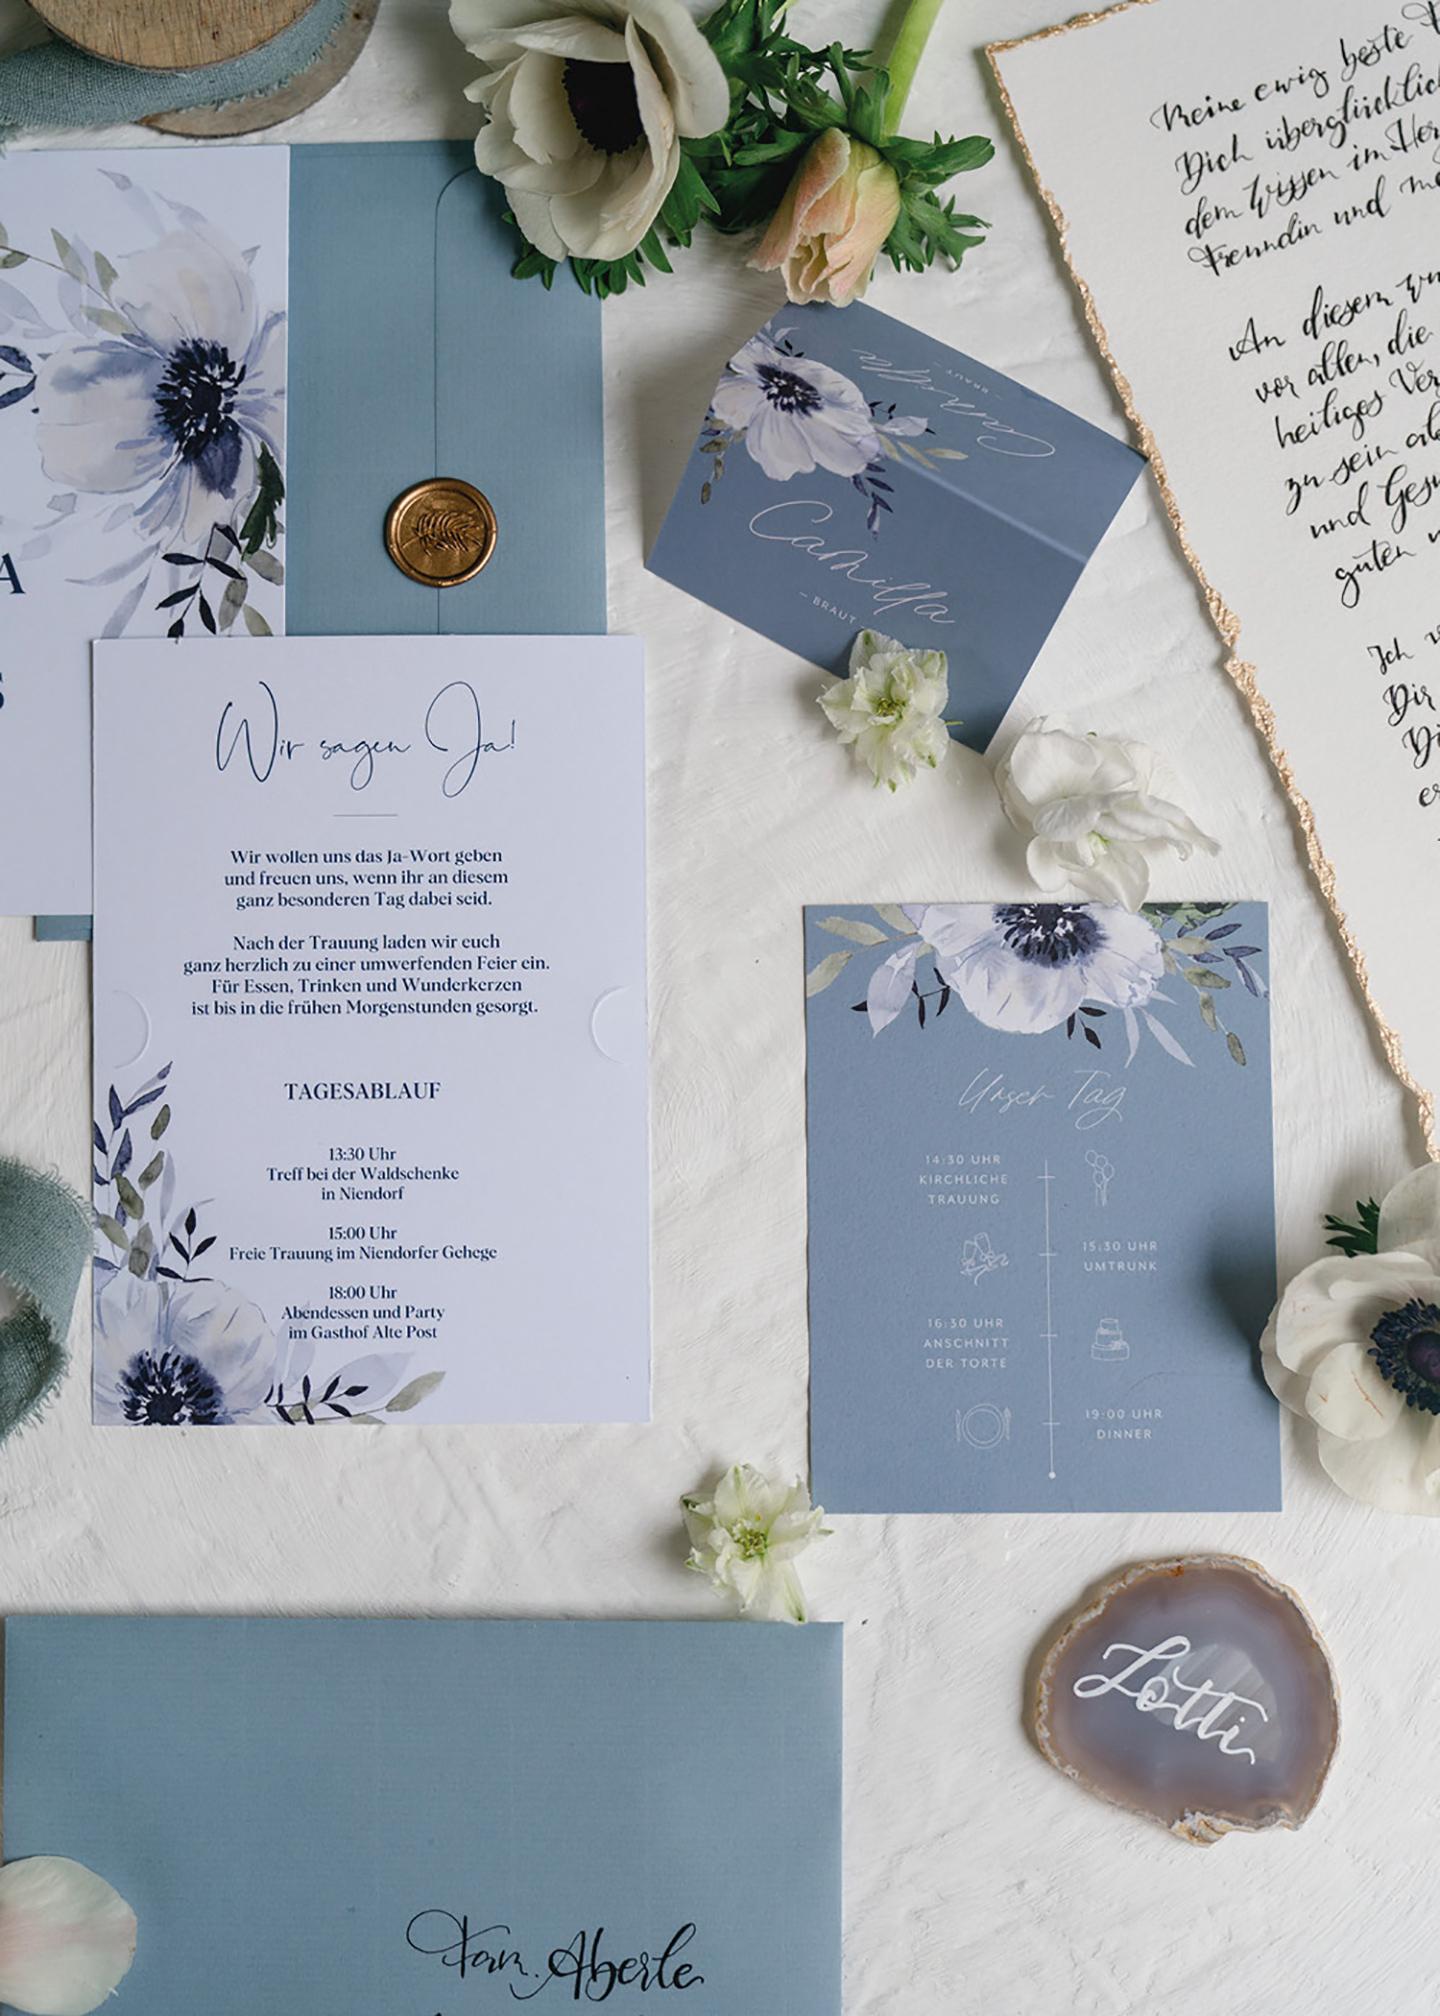 Die Hochzeitspapeterie des Paares wurde in hellblauen und weißen Tönen gestaltet. Auf der Papeterie findet sich eine detailtreu gezeichnete große Blüte in weiß und dunkelblau.